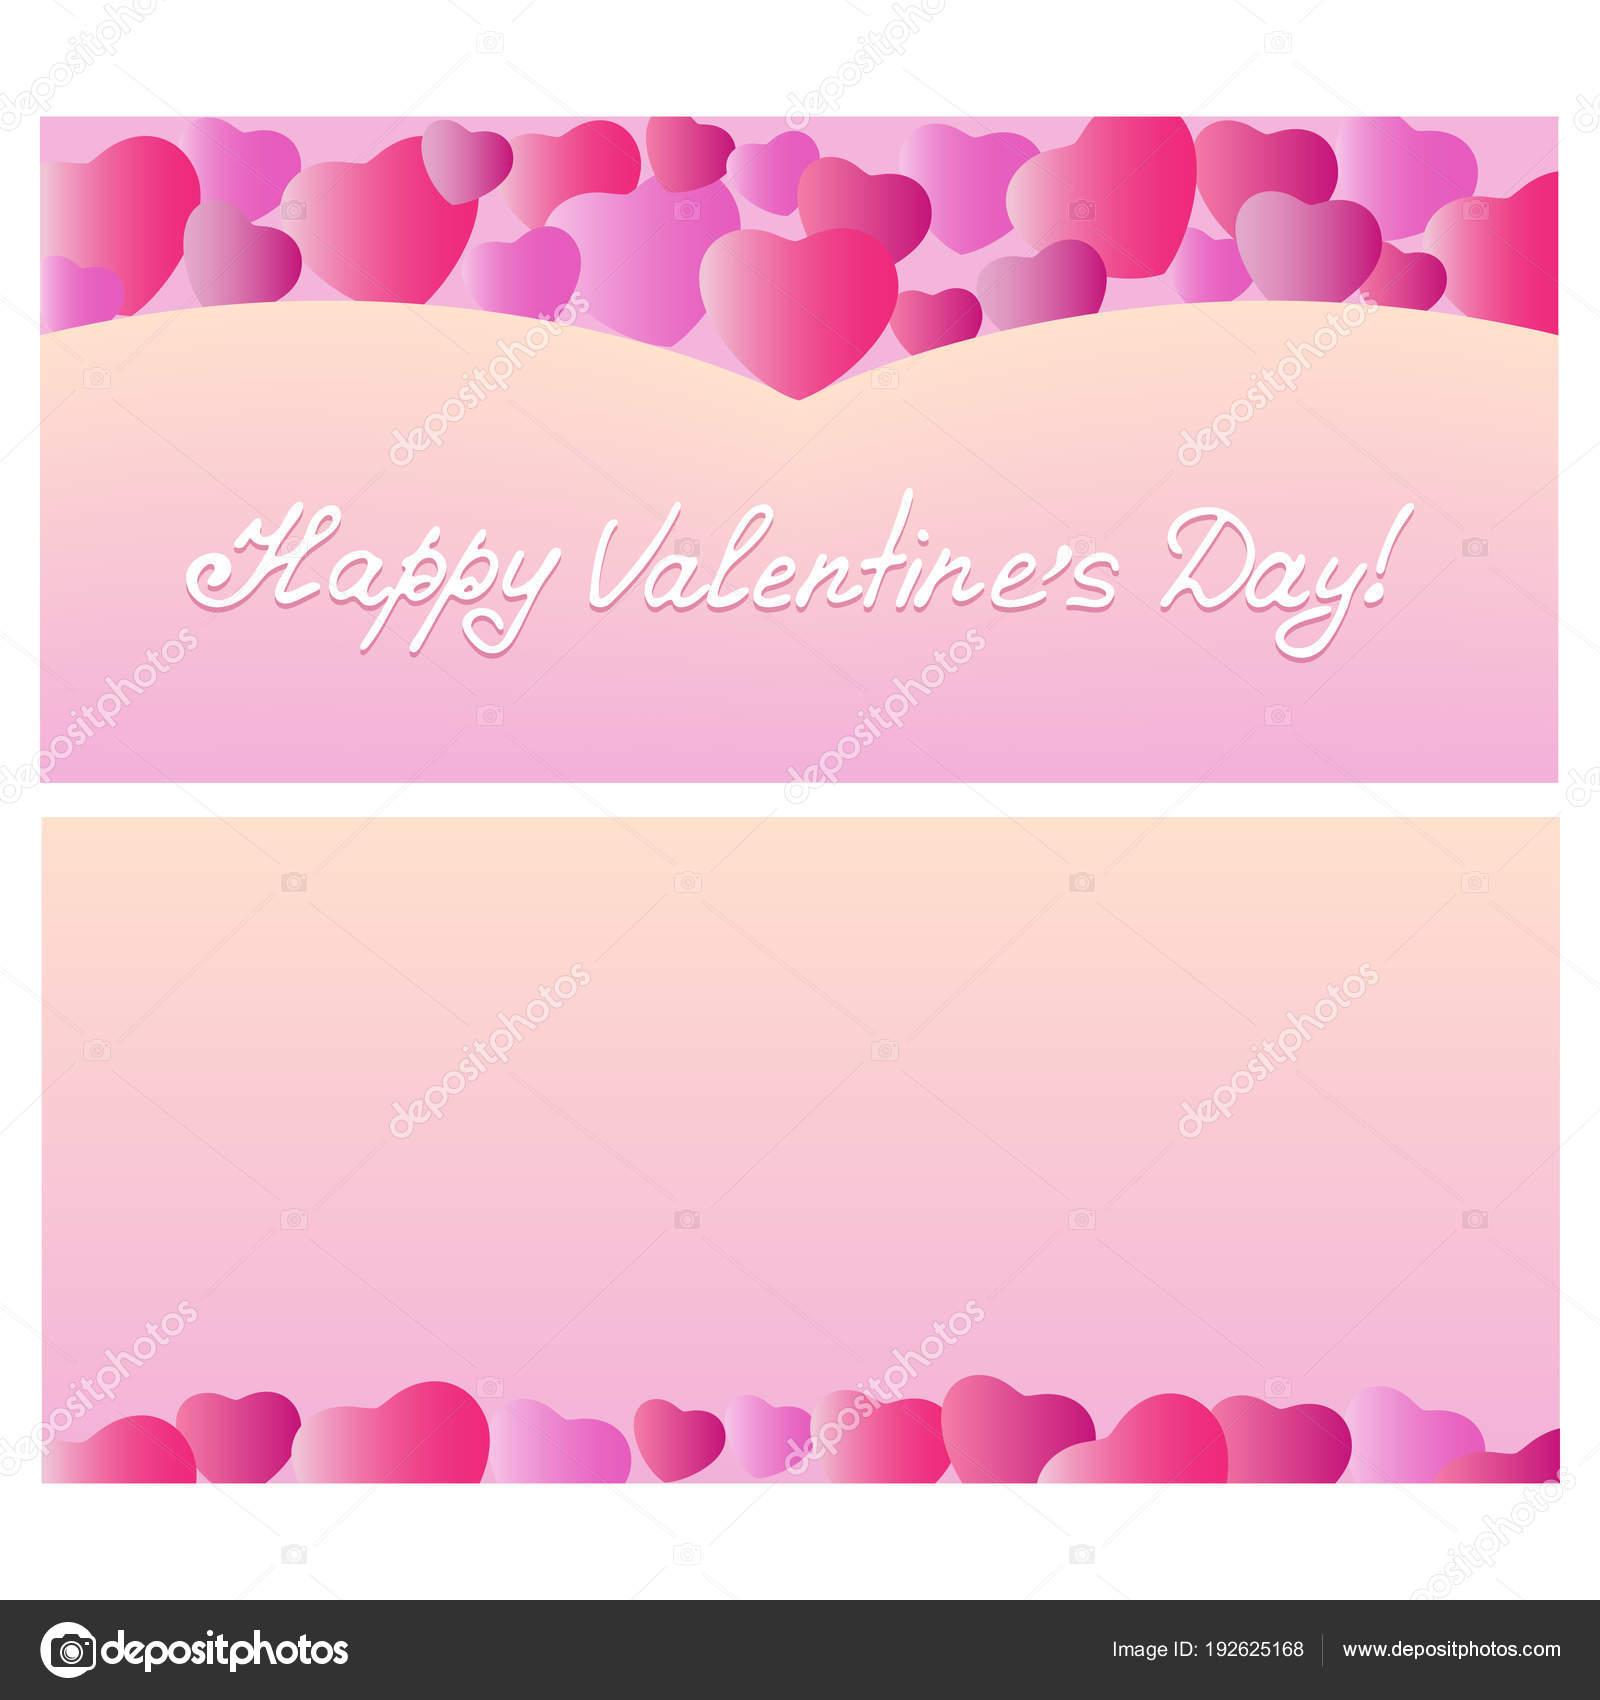 Entwerfen Sie Grußkarten Valentinstag Mit Herzen Vorlage Für Urlaub ...